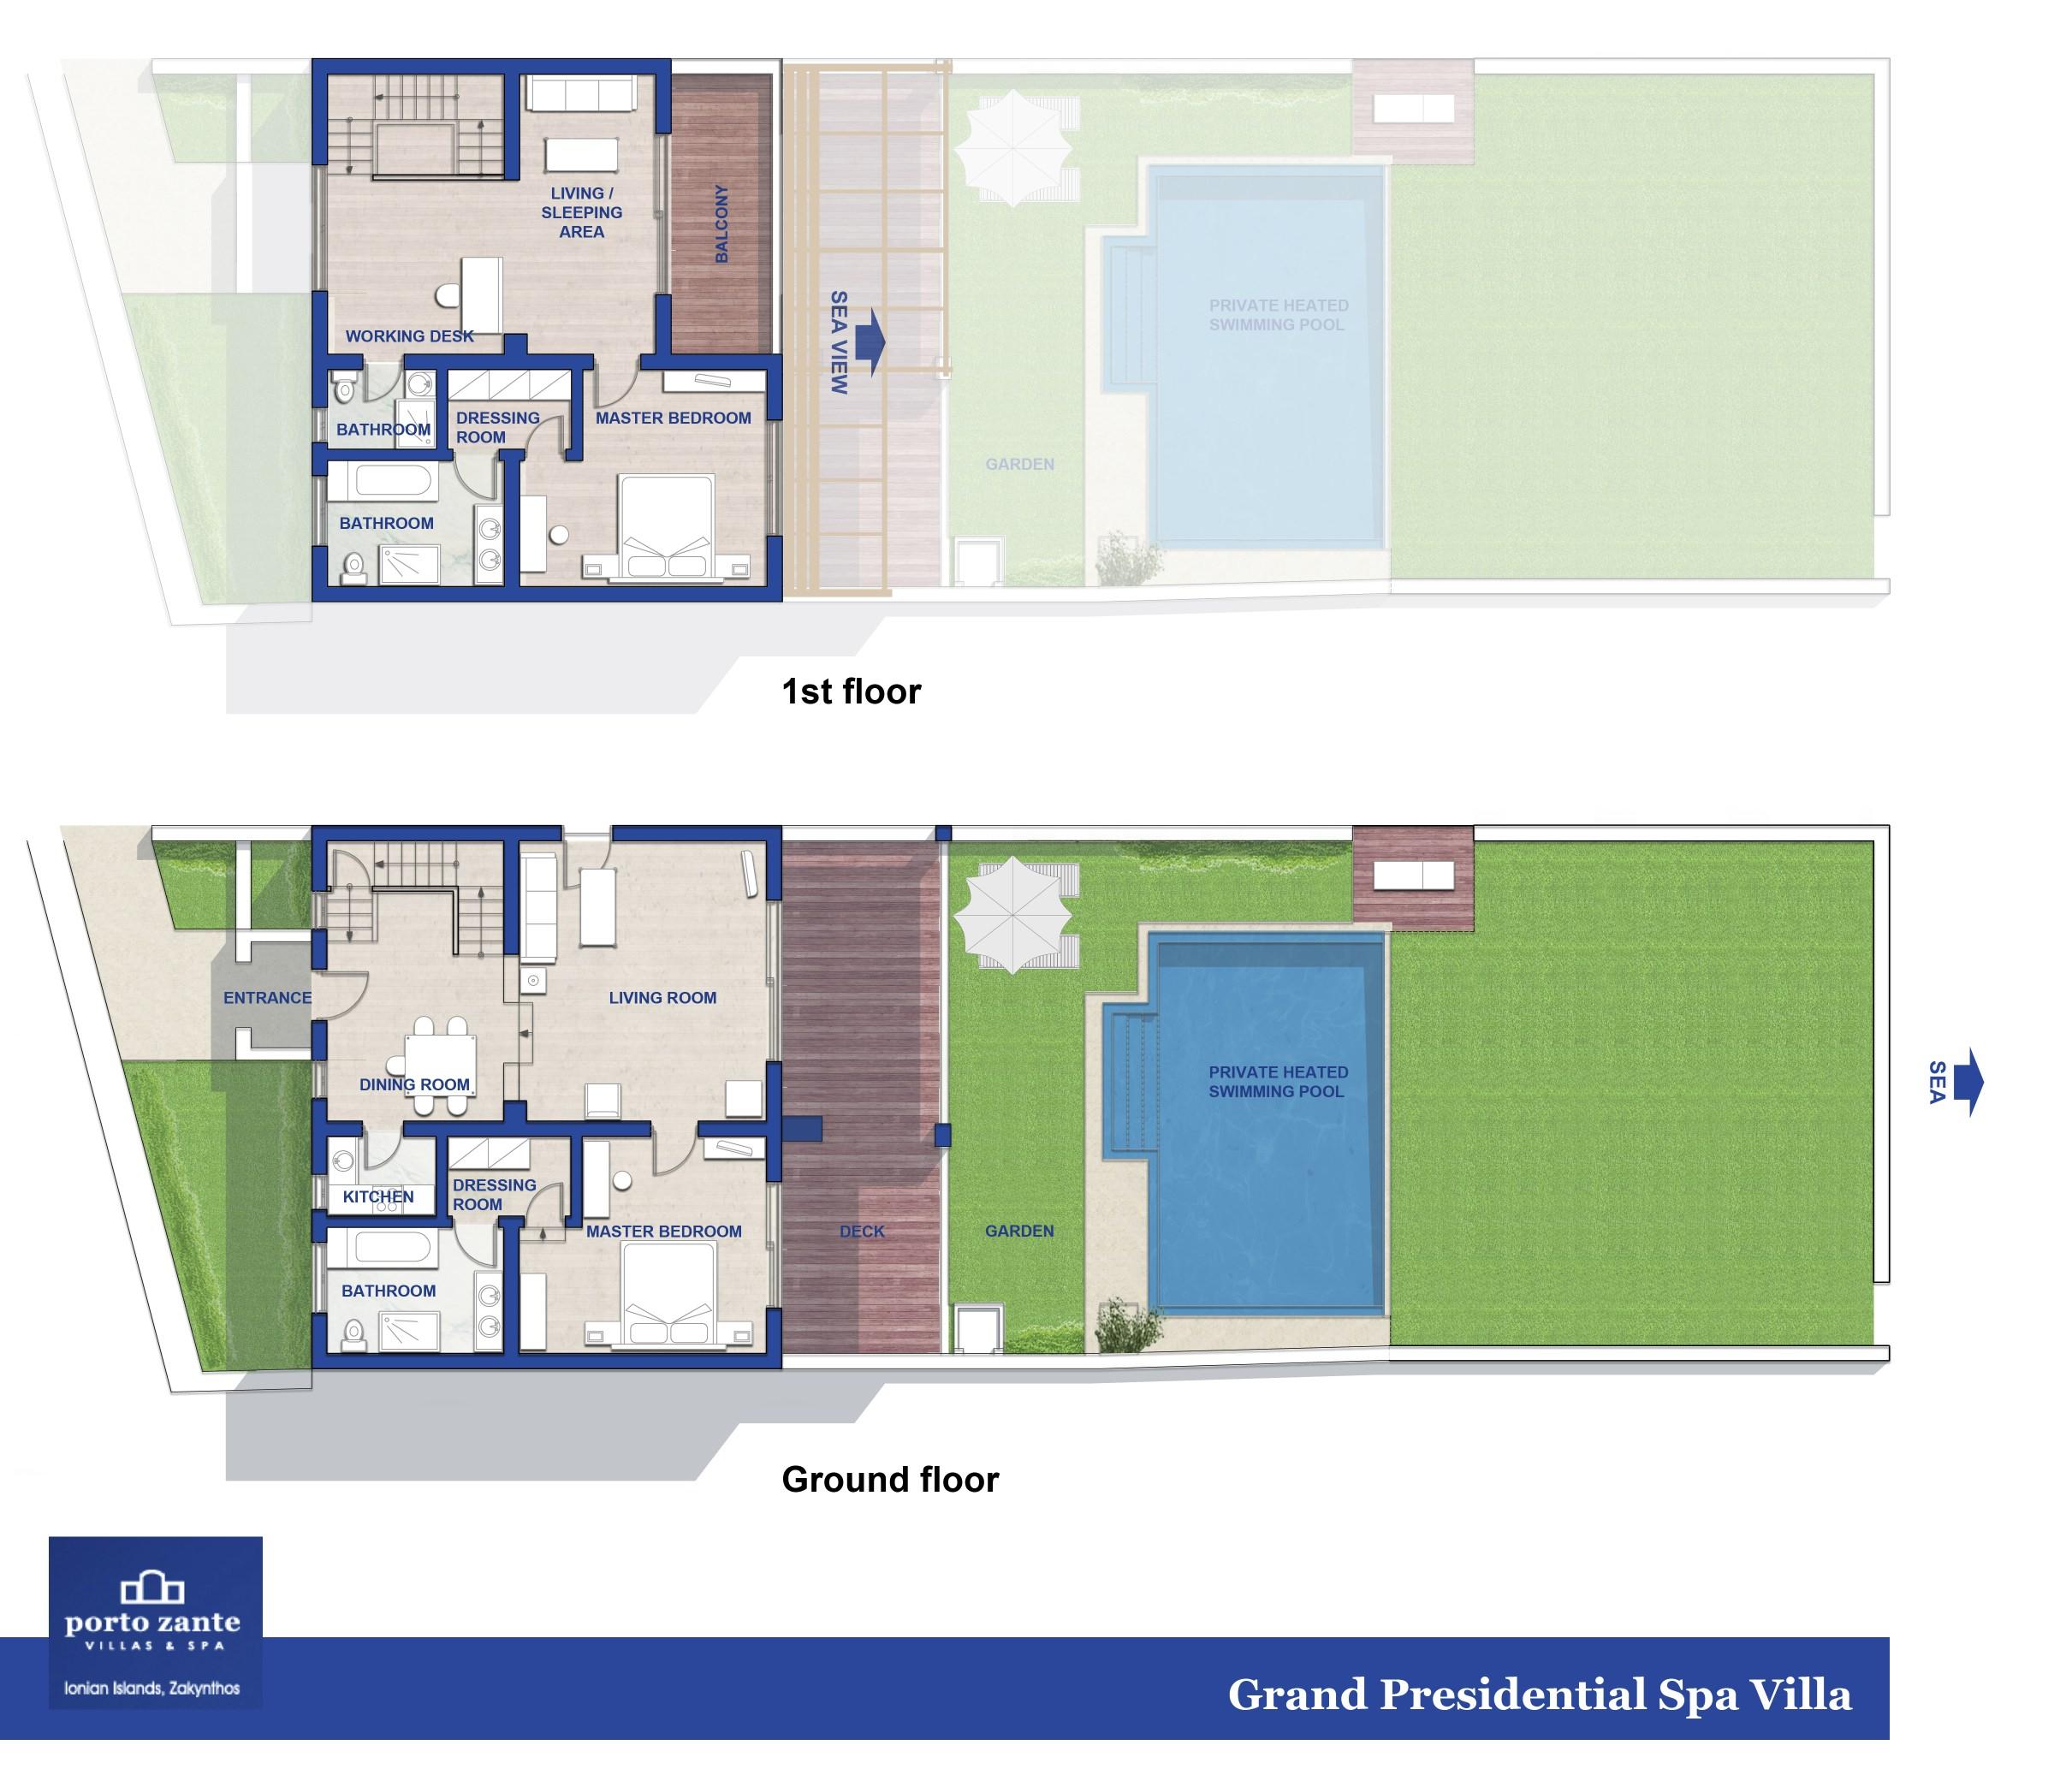 Grand presidential spa villa miglior resort di lusso con for Miglior design della planimetria